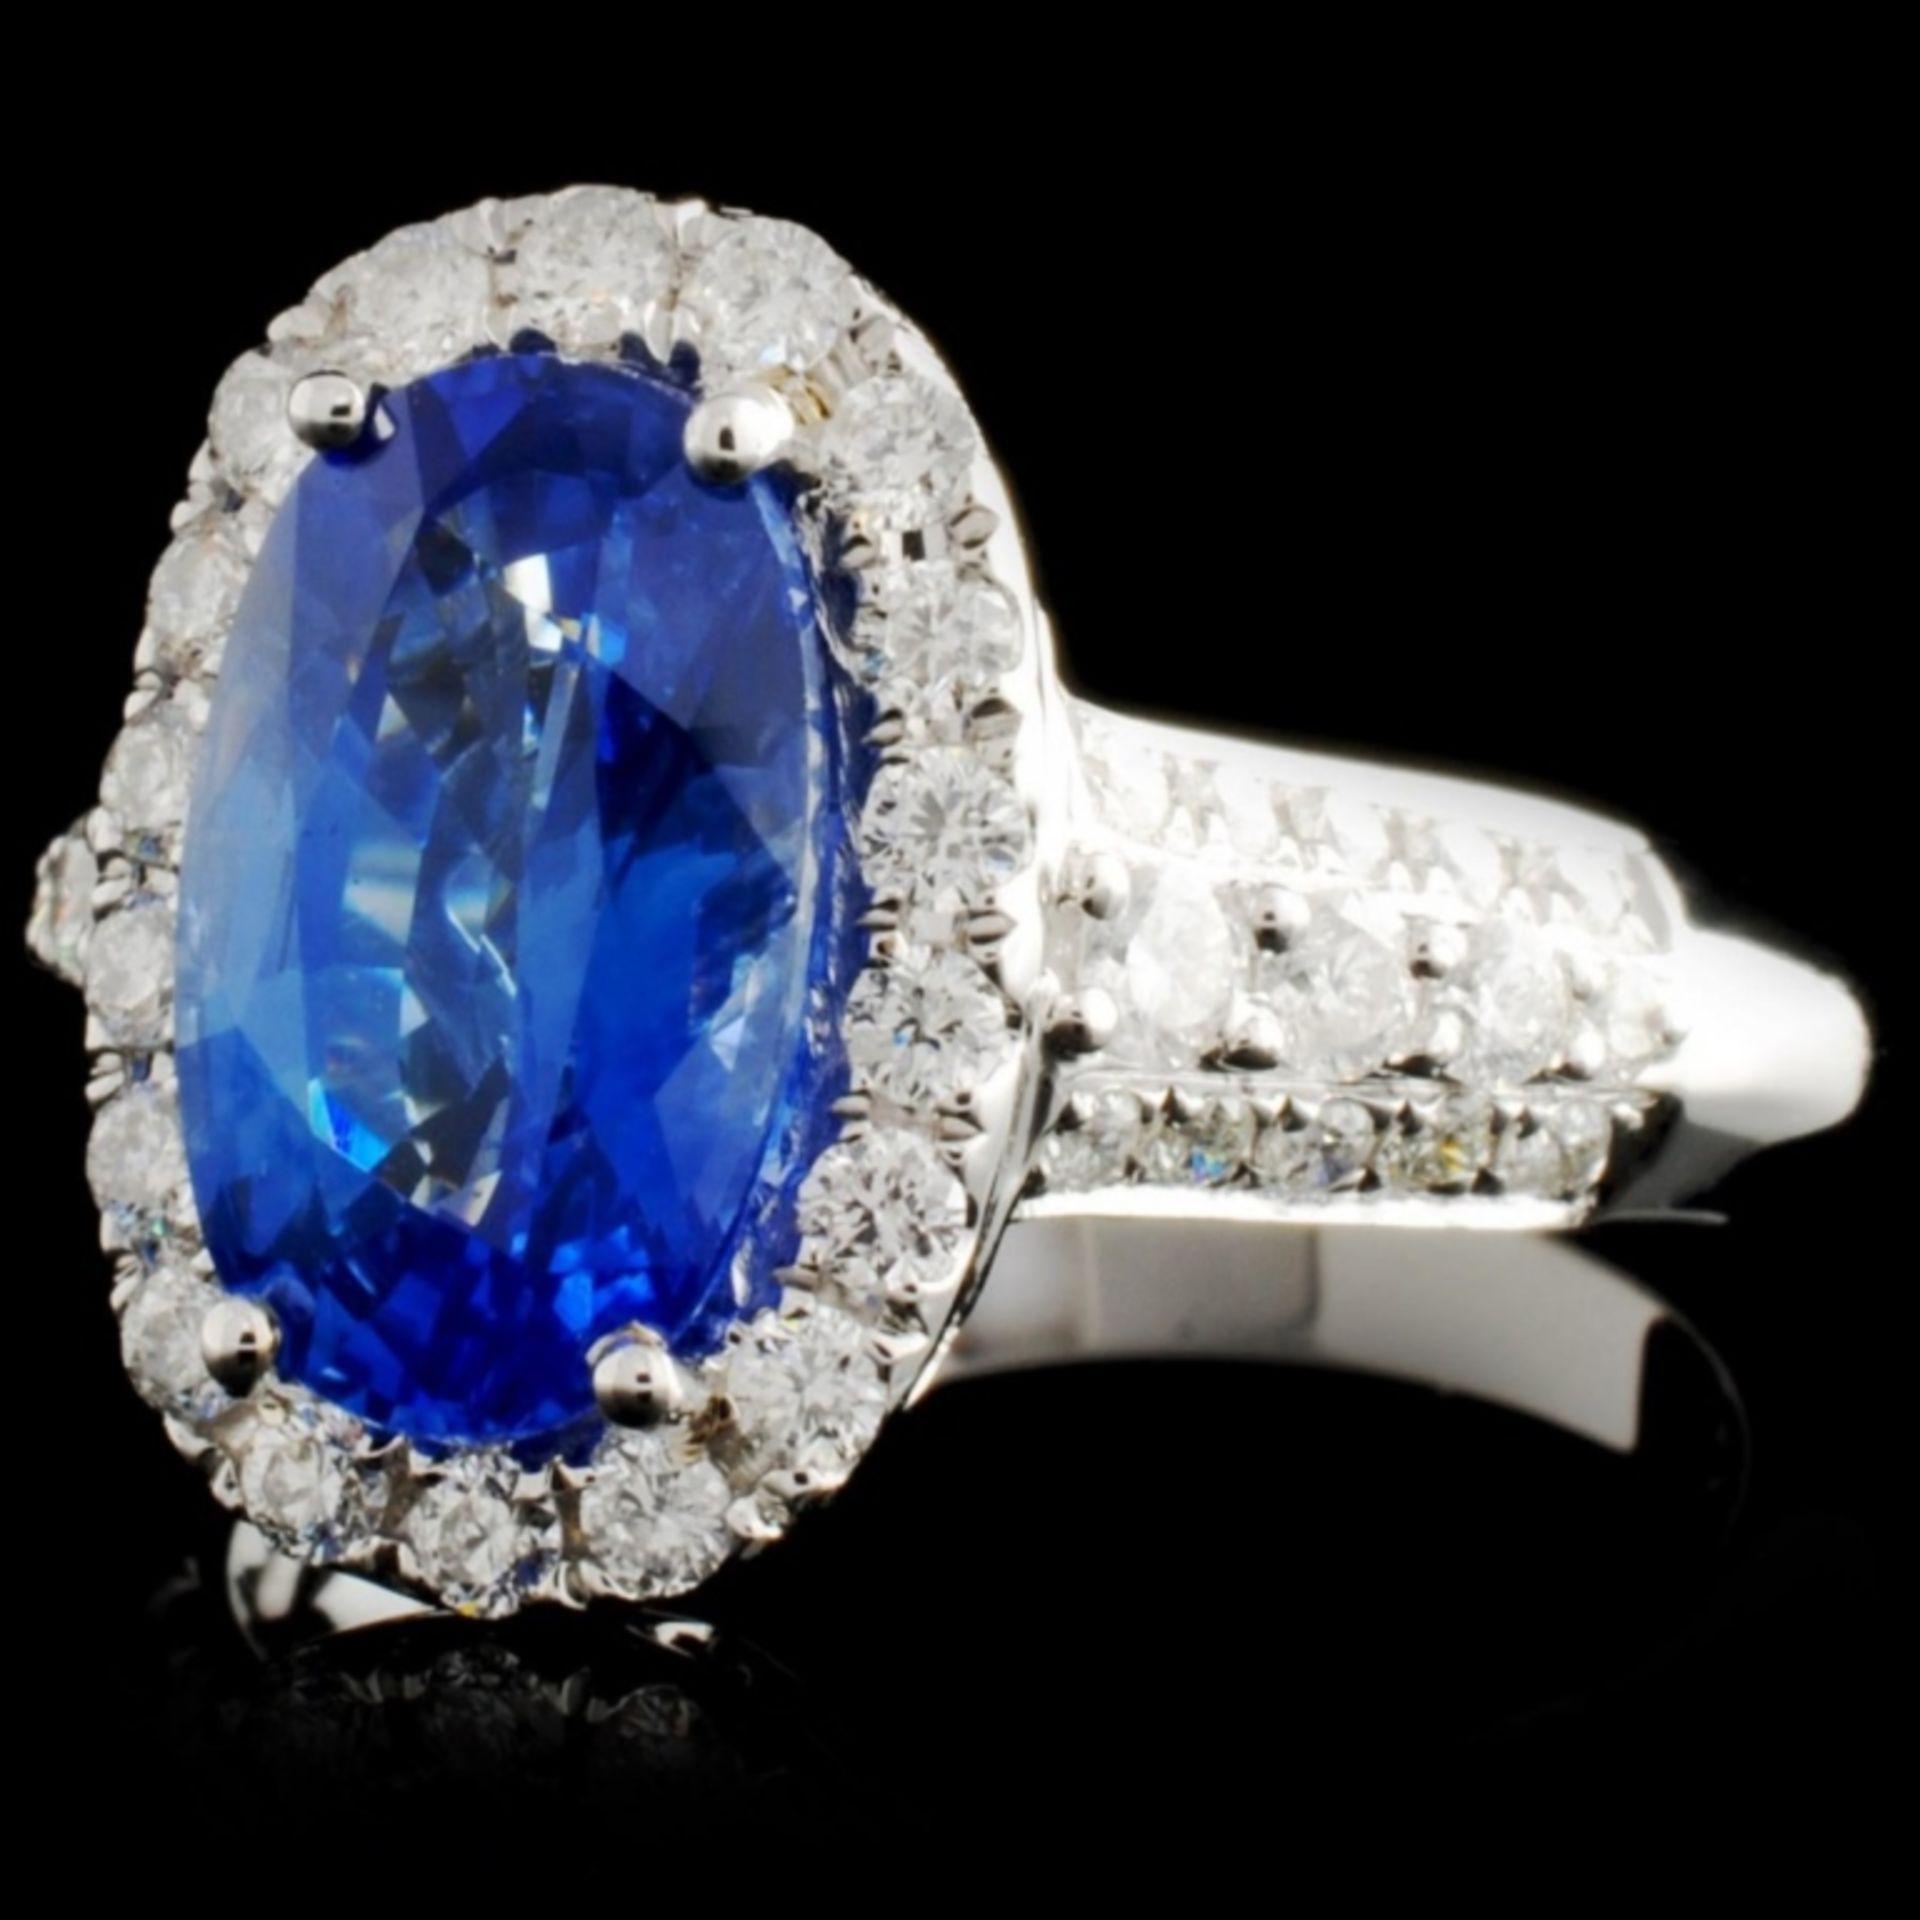 18K White Gold 3.19ct Sapphire & 0.73ct Diamond Ri - Image 2 of 4